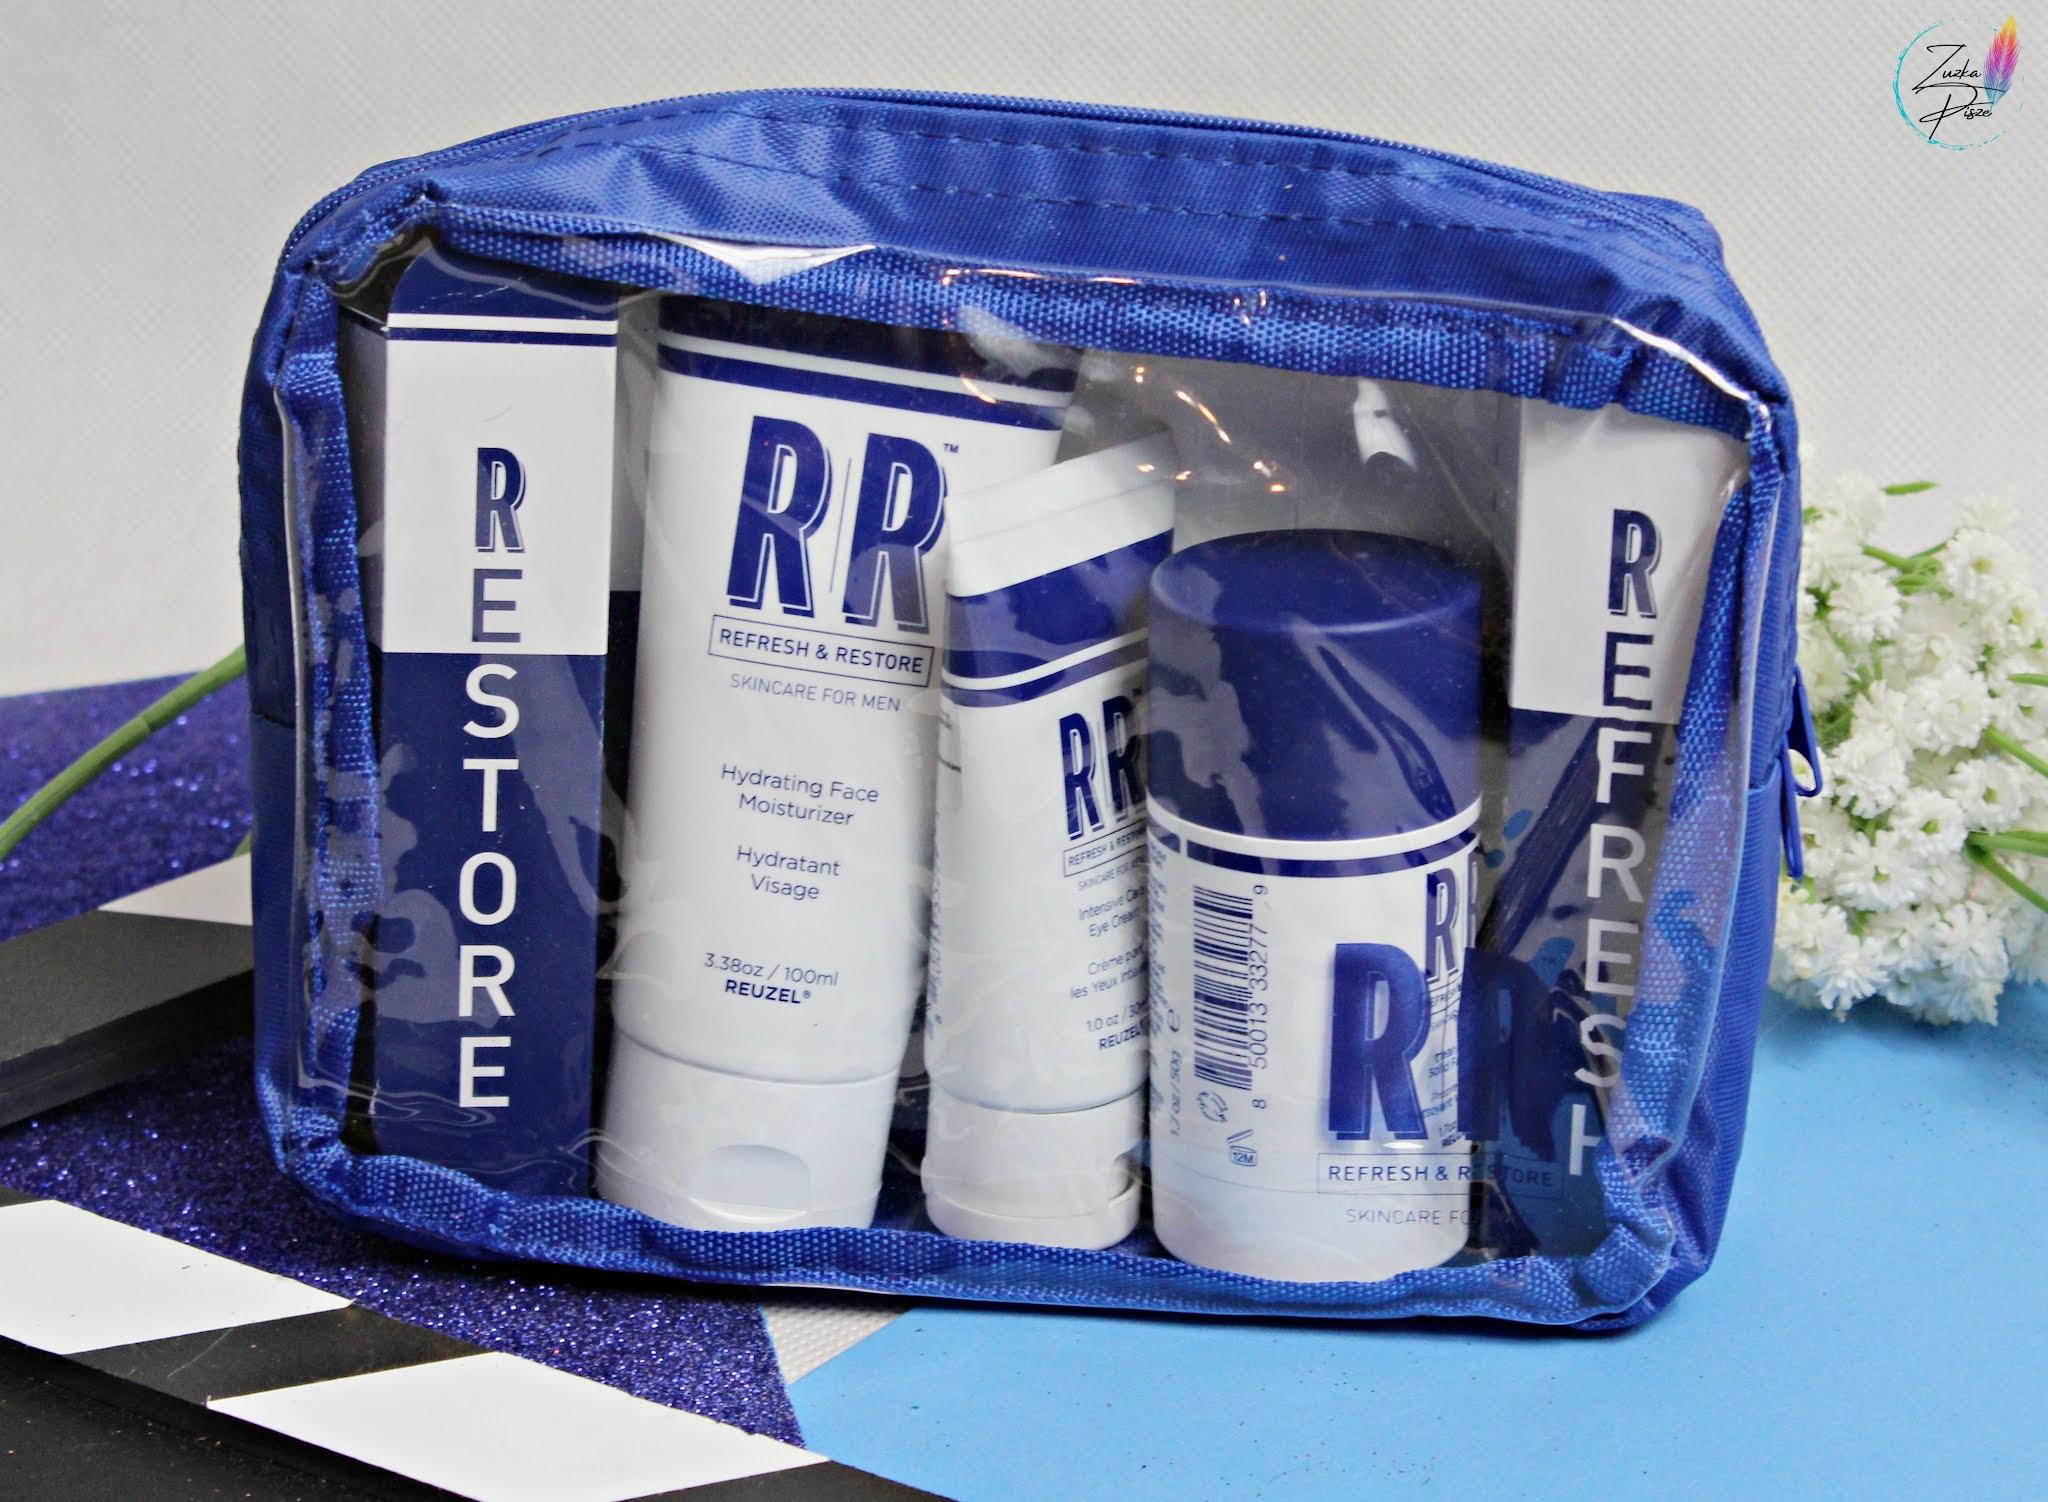 REUZEL RR Skin Care Gift Set - kosmetyczka z 3 produktami